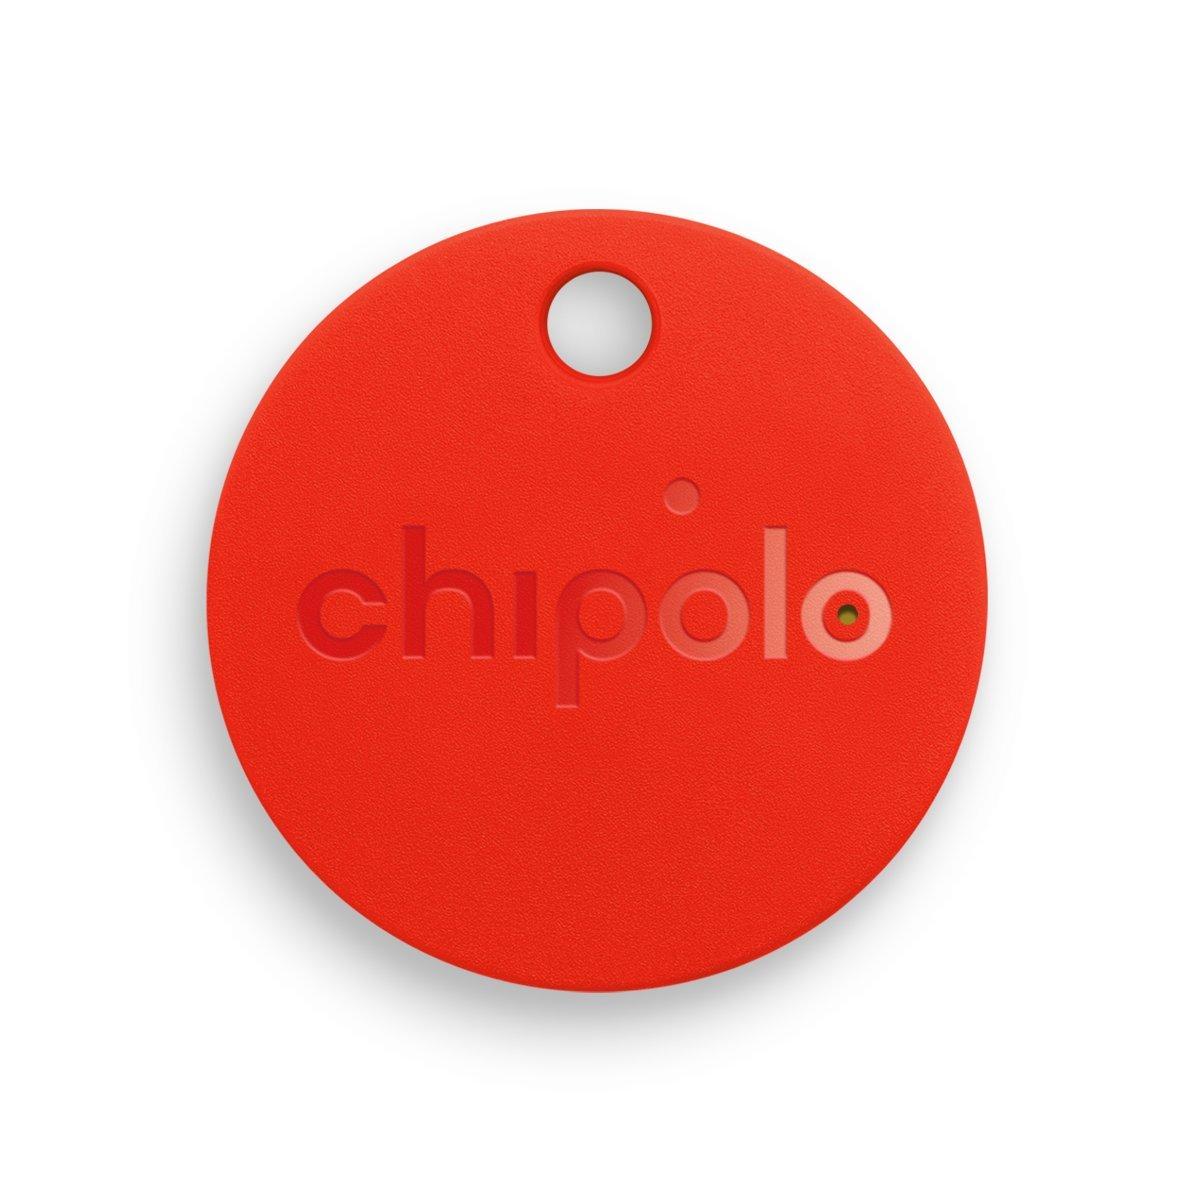 Chipolo Classic 2N Gen - Llavero localizador, Color Rojo ...